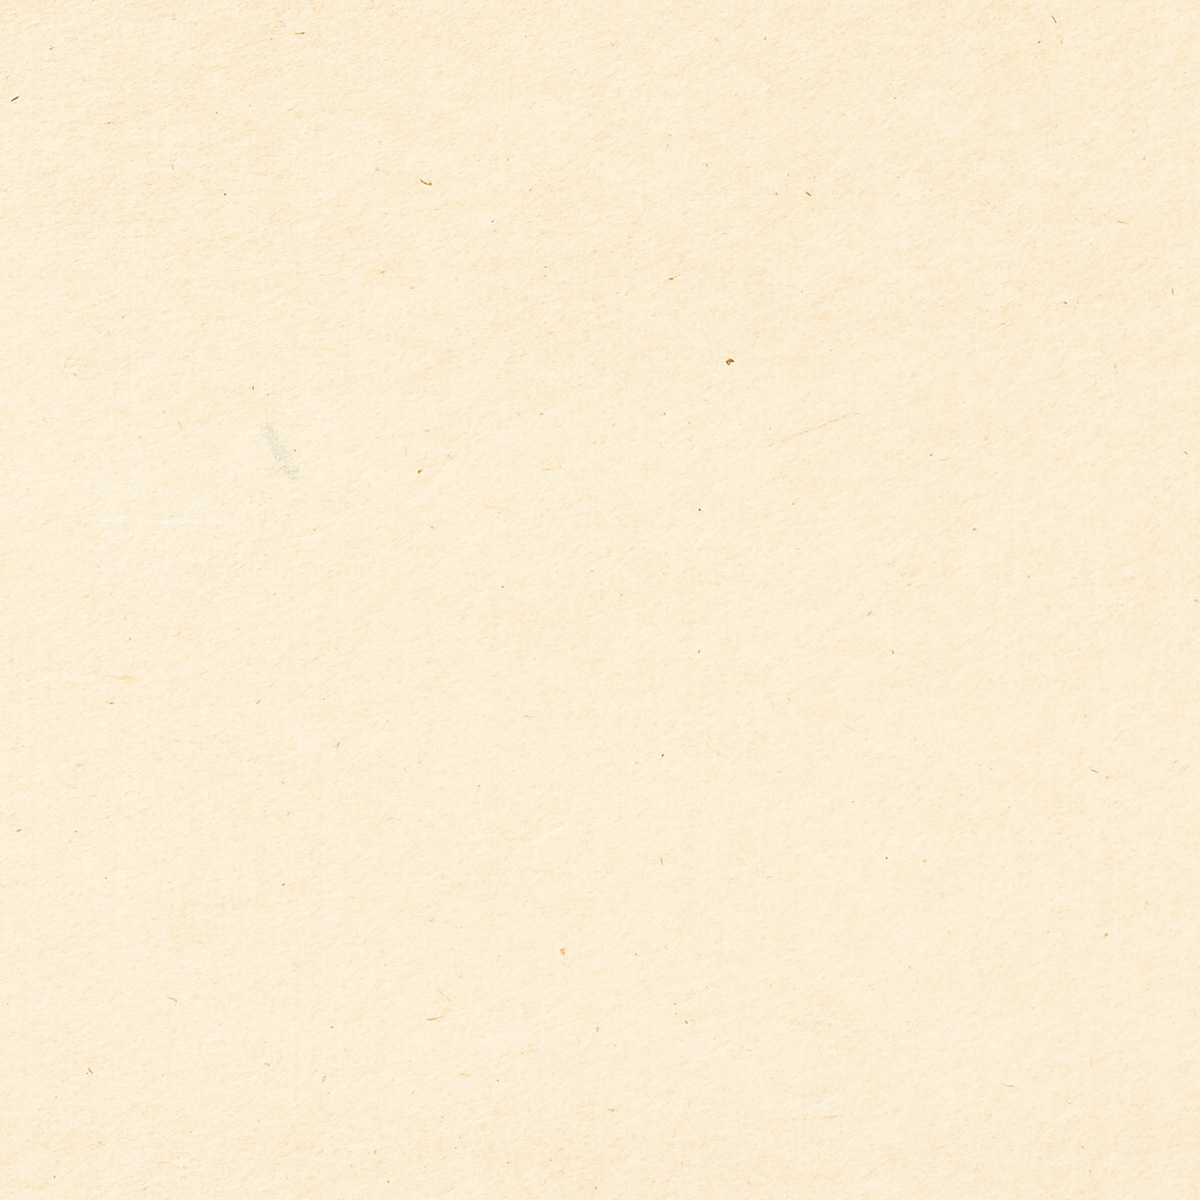 横野 封筒用紙 8匁